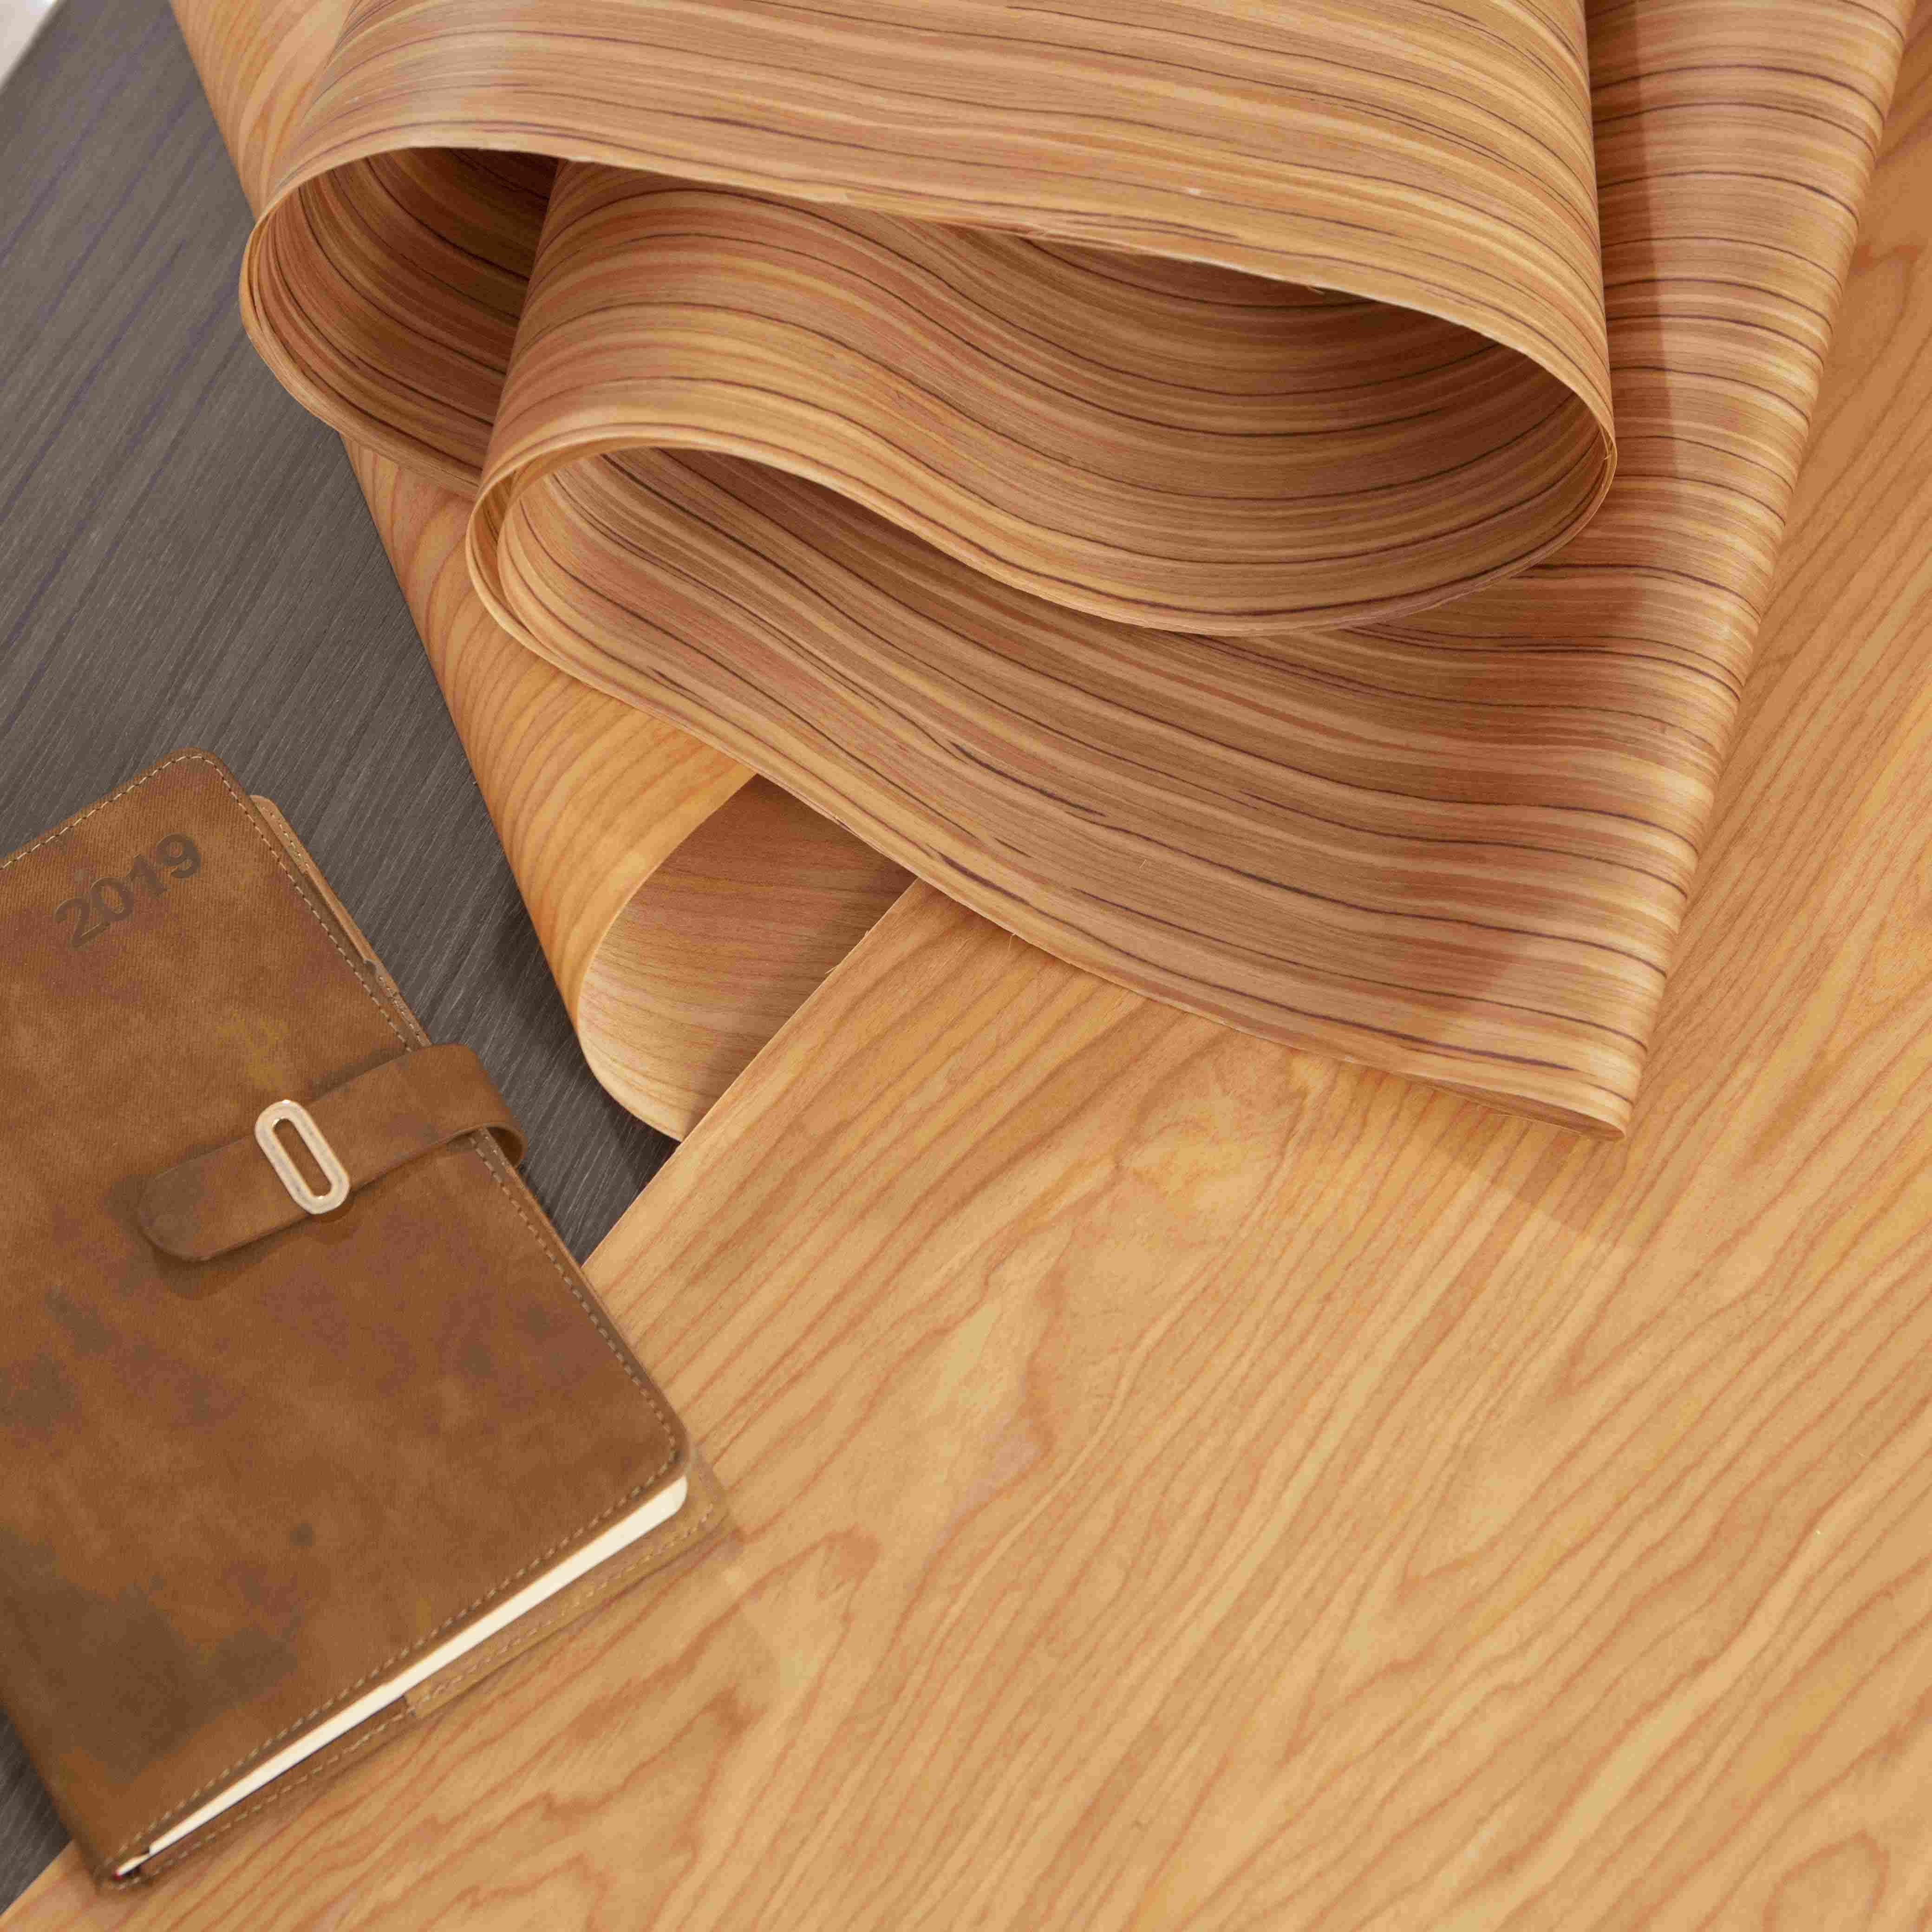 家倍安弹性免漆木饰面